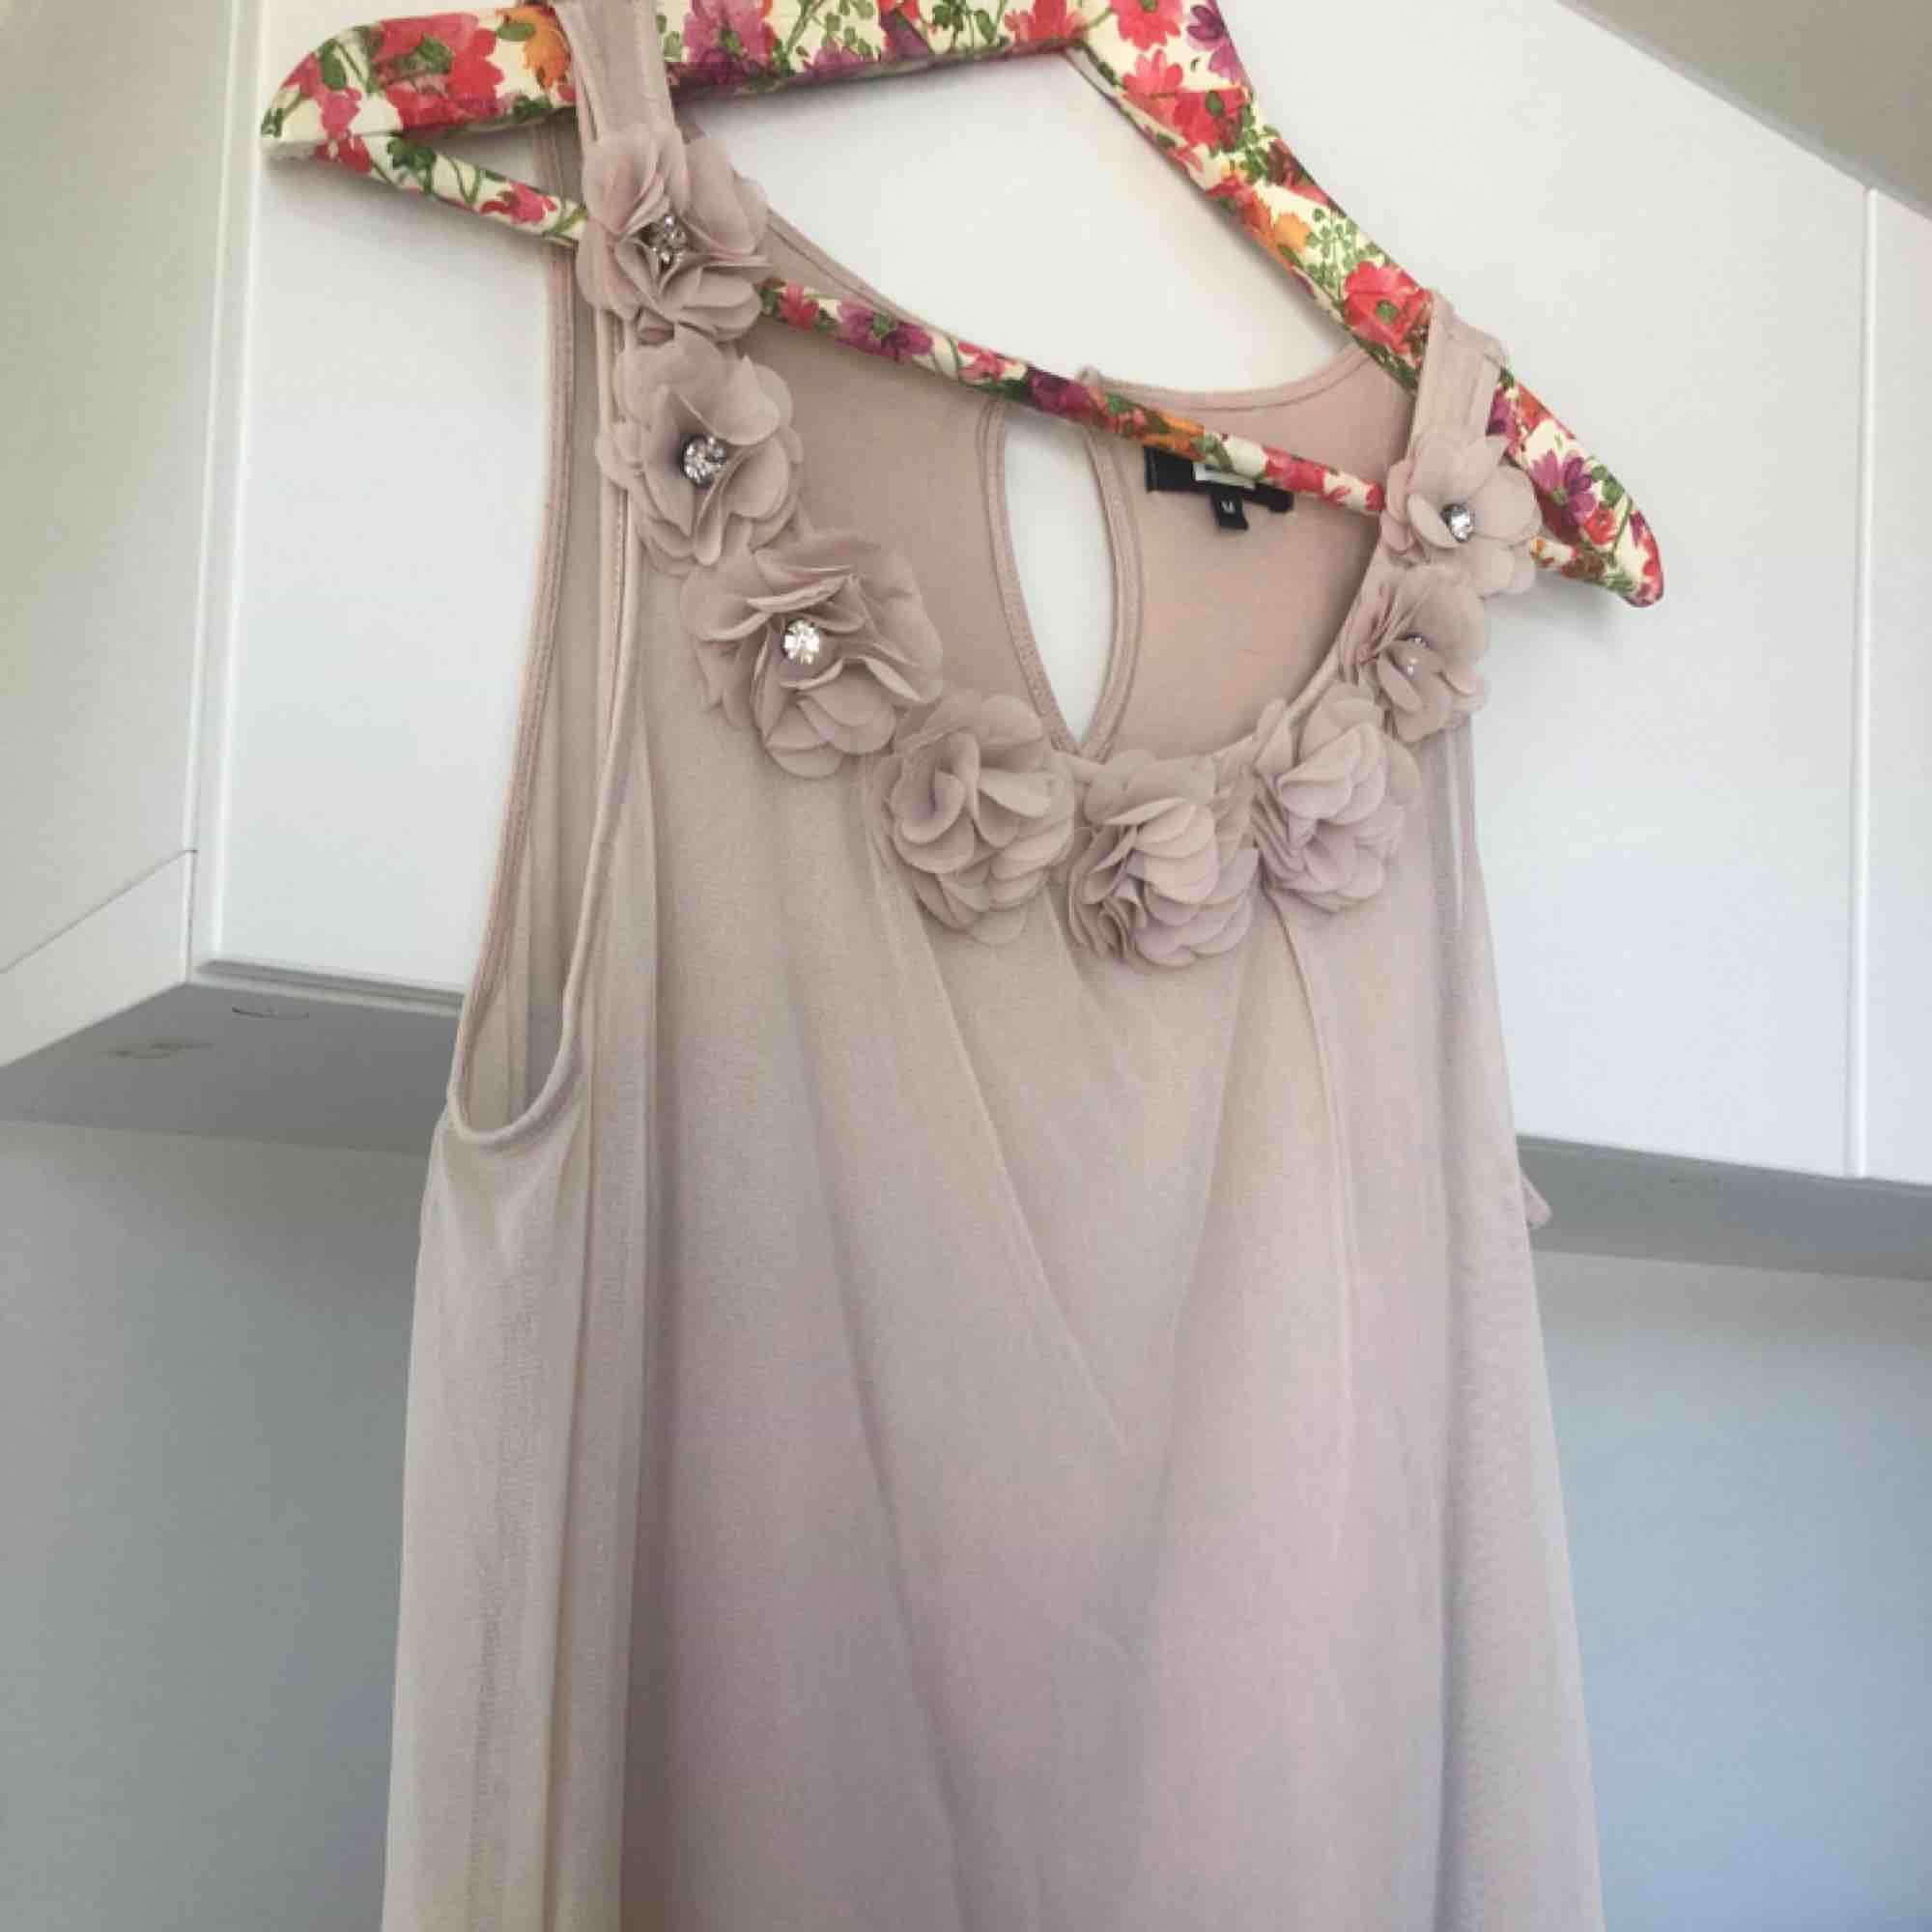 Jätte fint linne i tunt rosa löst tyg och ett linne innanför så man ej ser igenom. Fina detaljer vid axelbandet och urringningen. Lös i passformen så den passar både s och m. Använd fåtal gånger!. Toppar.